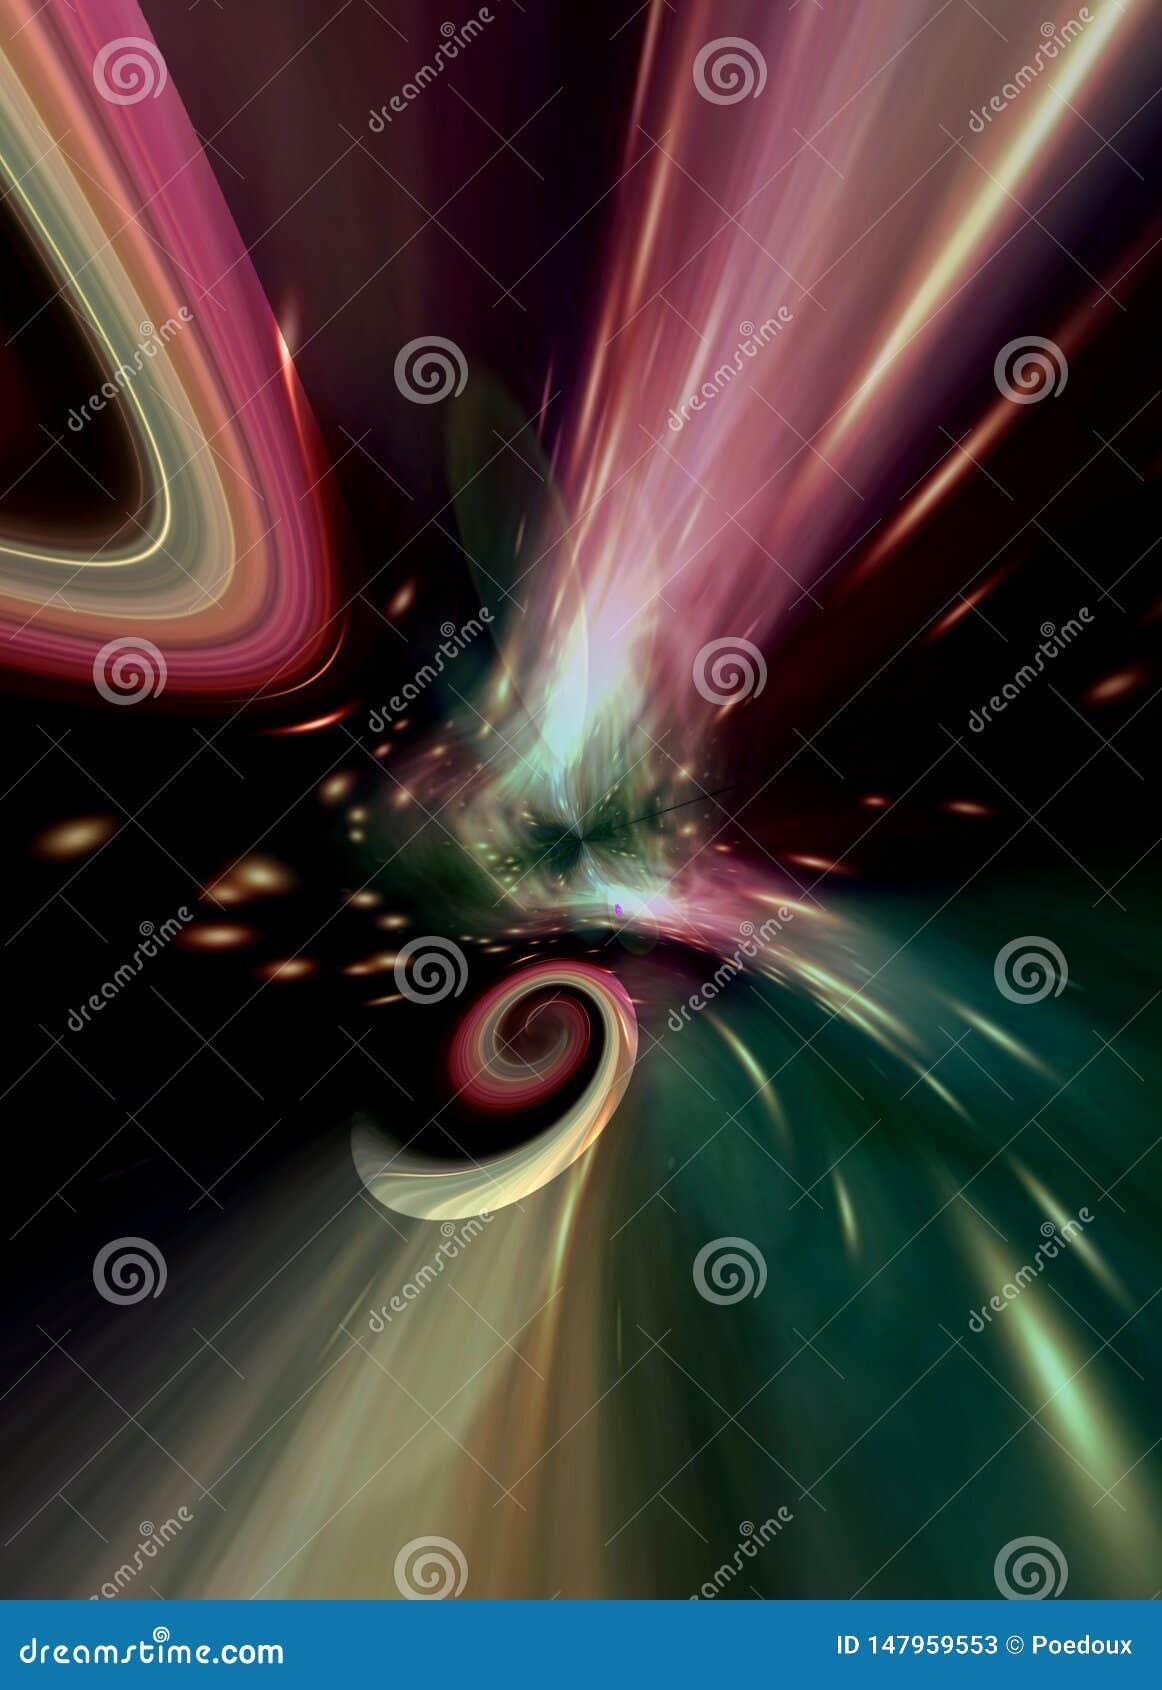 Galaxie en spirale abstraite générée par ordinateur dans des couleurs poétiques